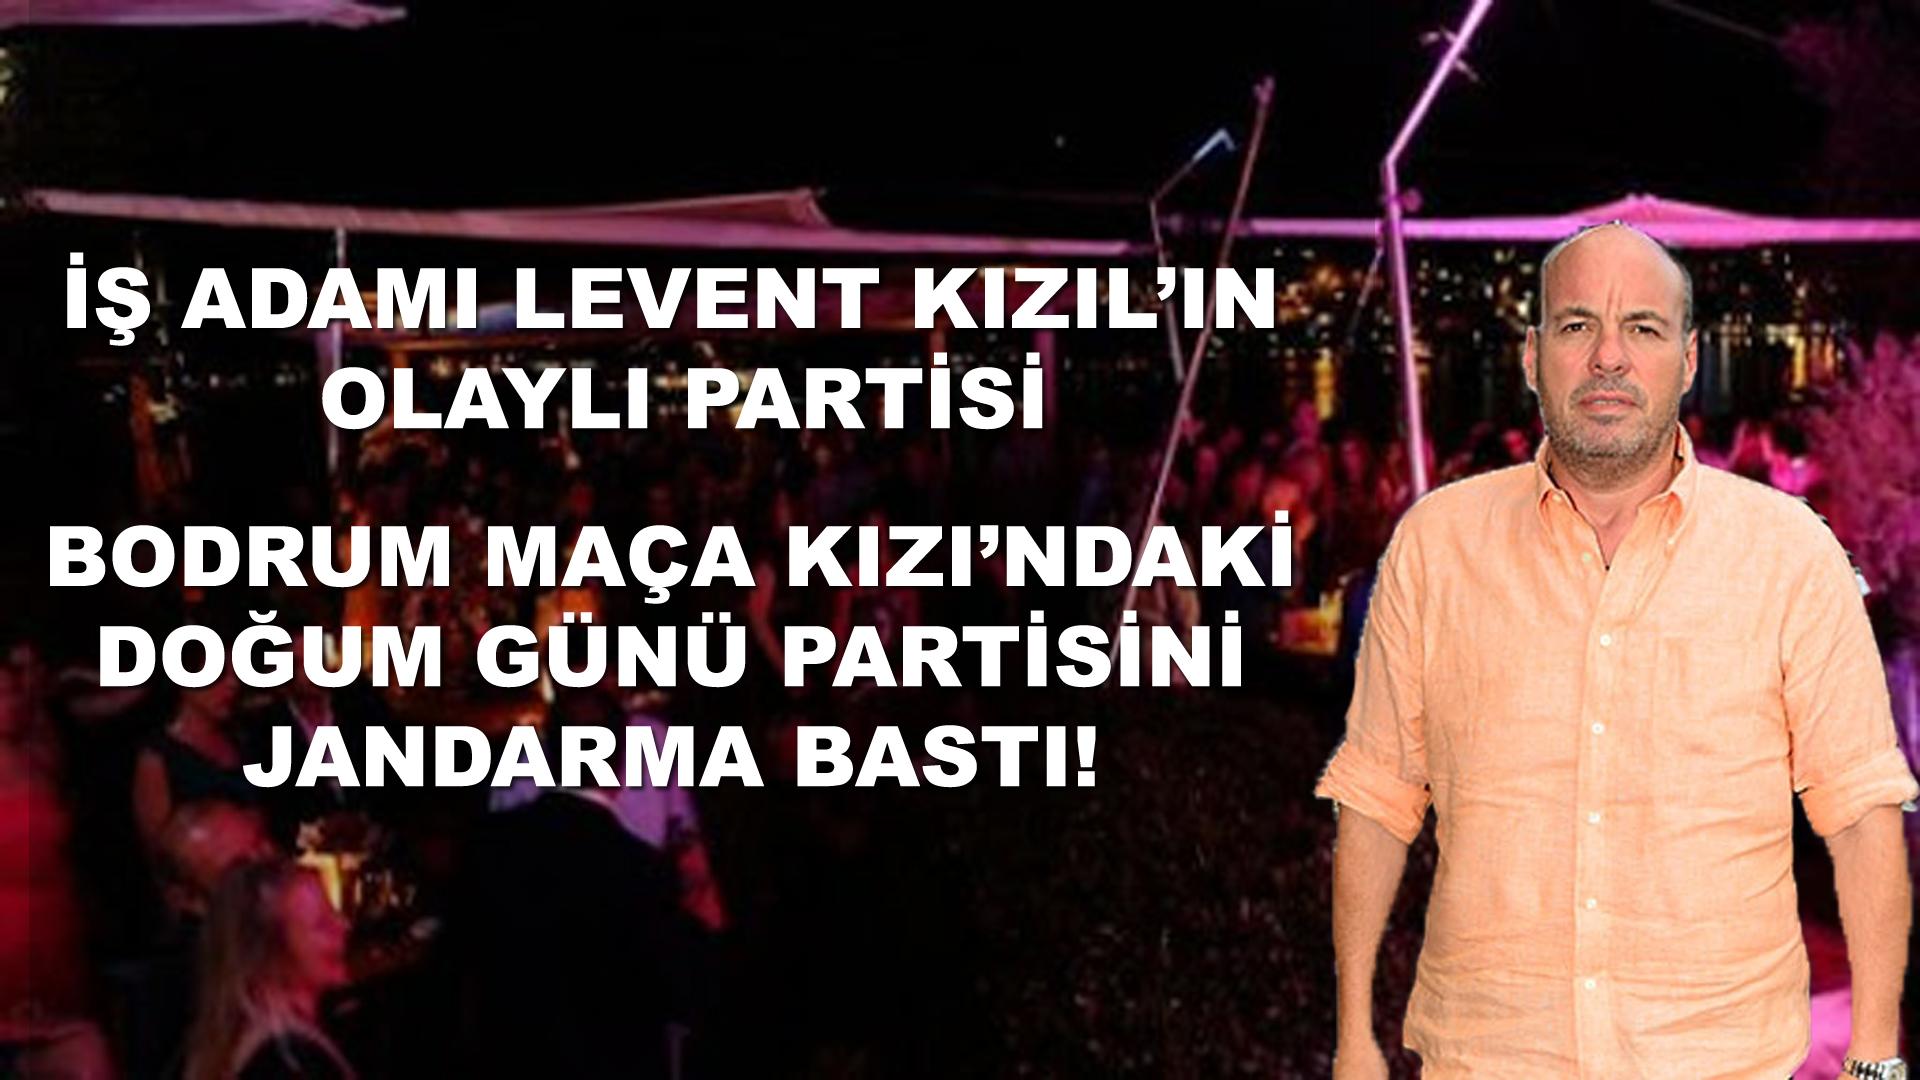 Uludağ Gazozları'nın patronu Levent Kızıl'ın doğum günü partisini jandarma bastı!